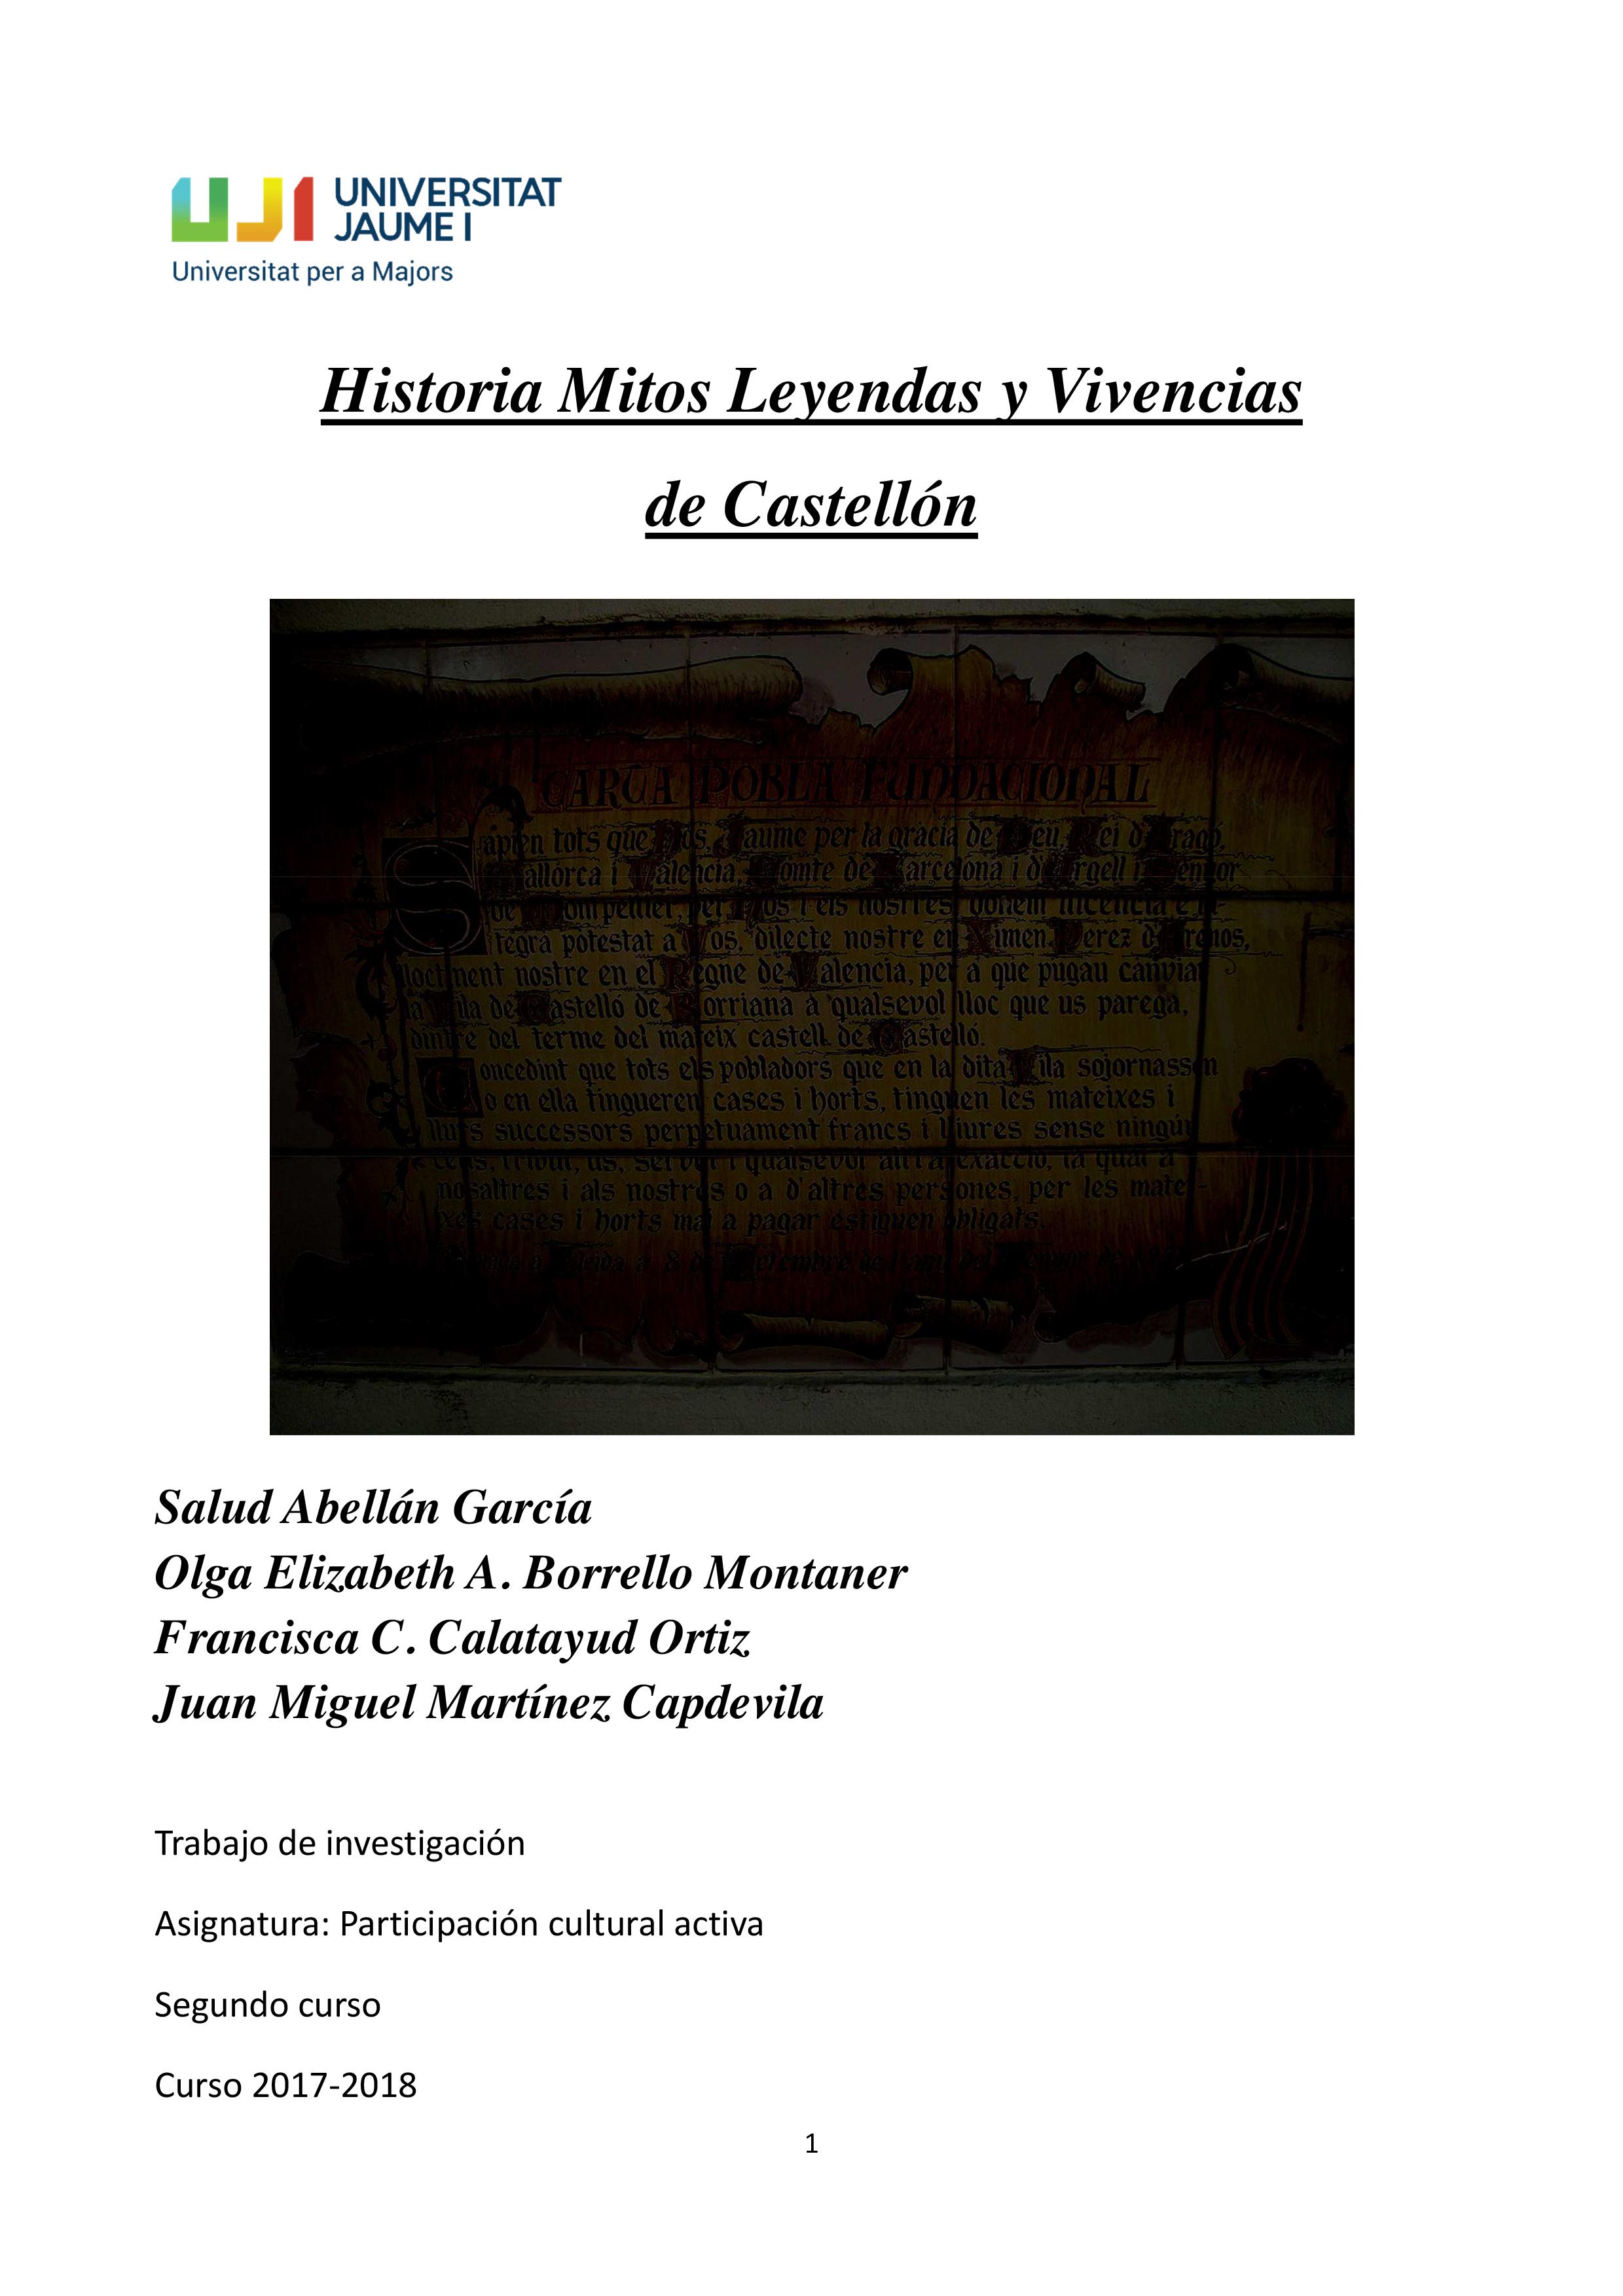 15-Vivencias-mitos-y-leyendas-de-Castellon